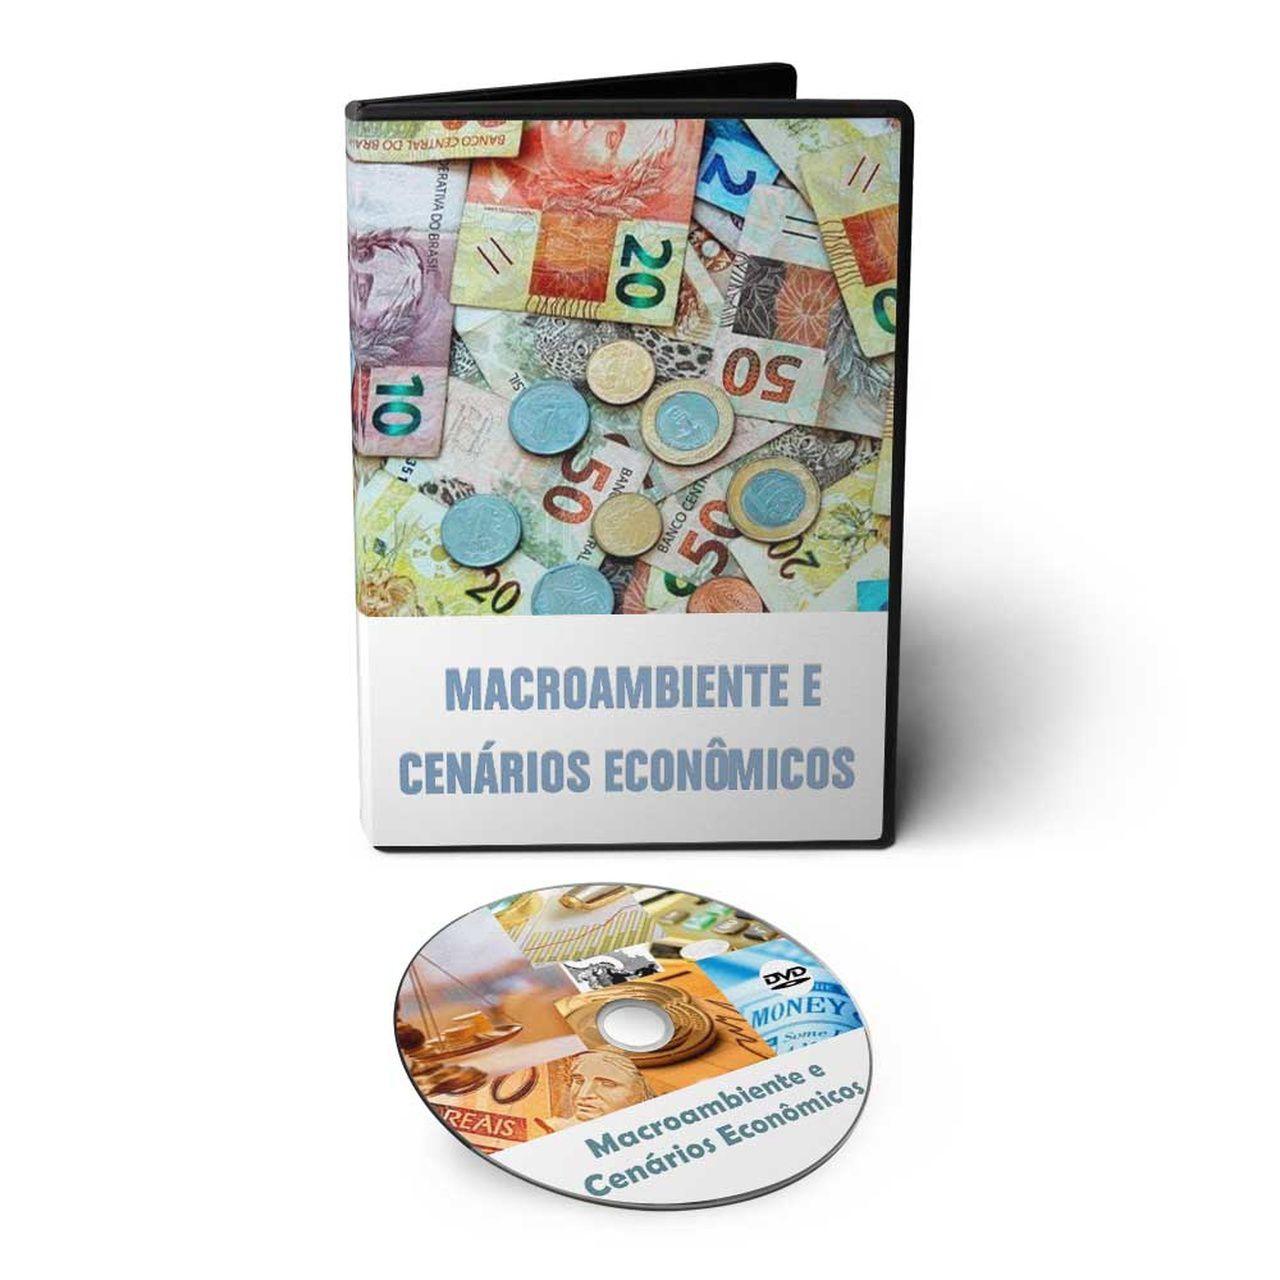 Curso sobre Macroambiente e Cenários Econômicos em DVD Videoaula  - Aprova Cursos